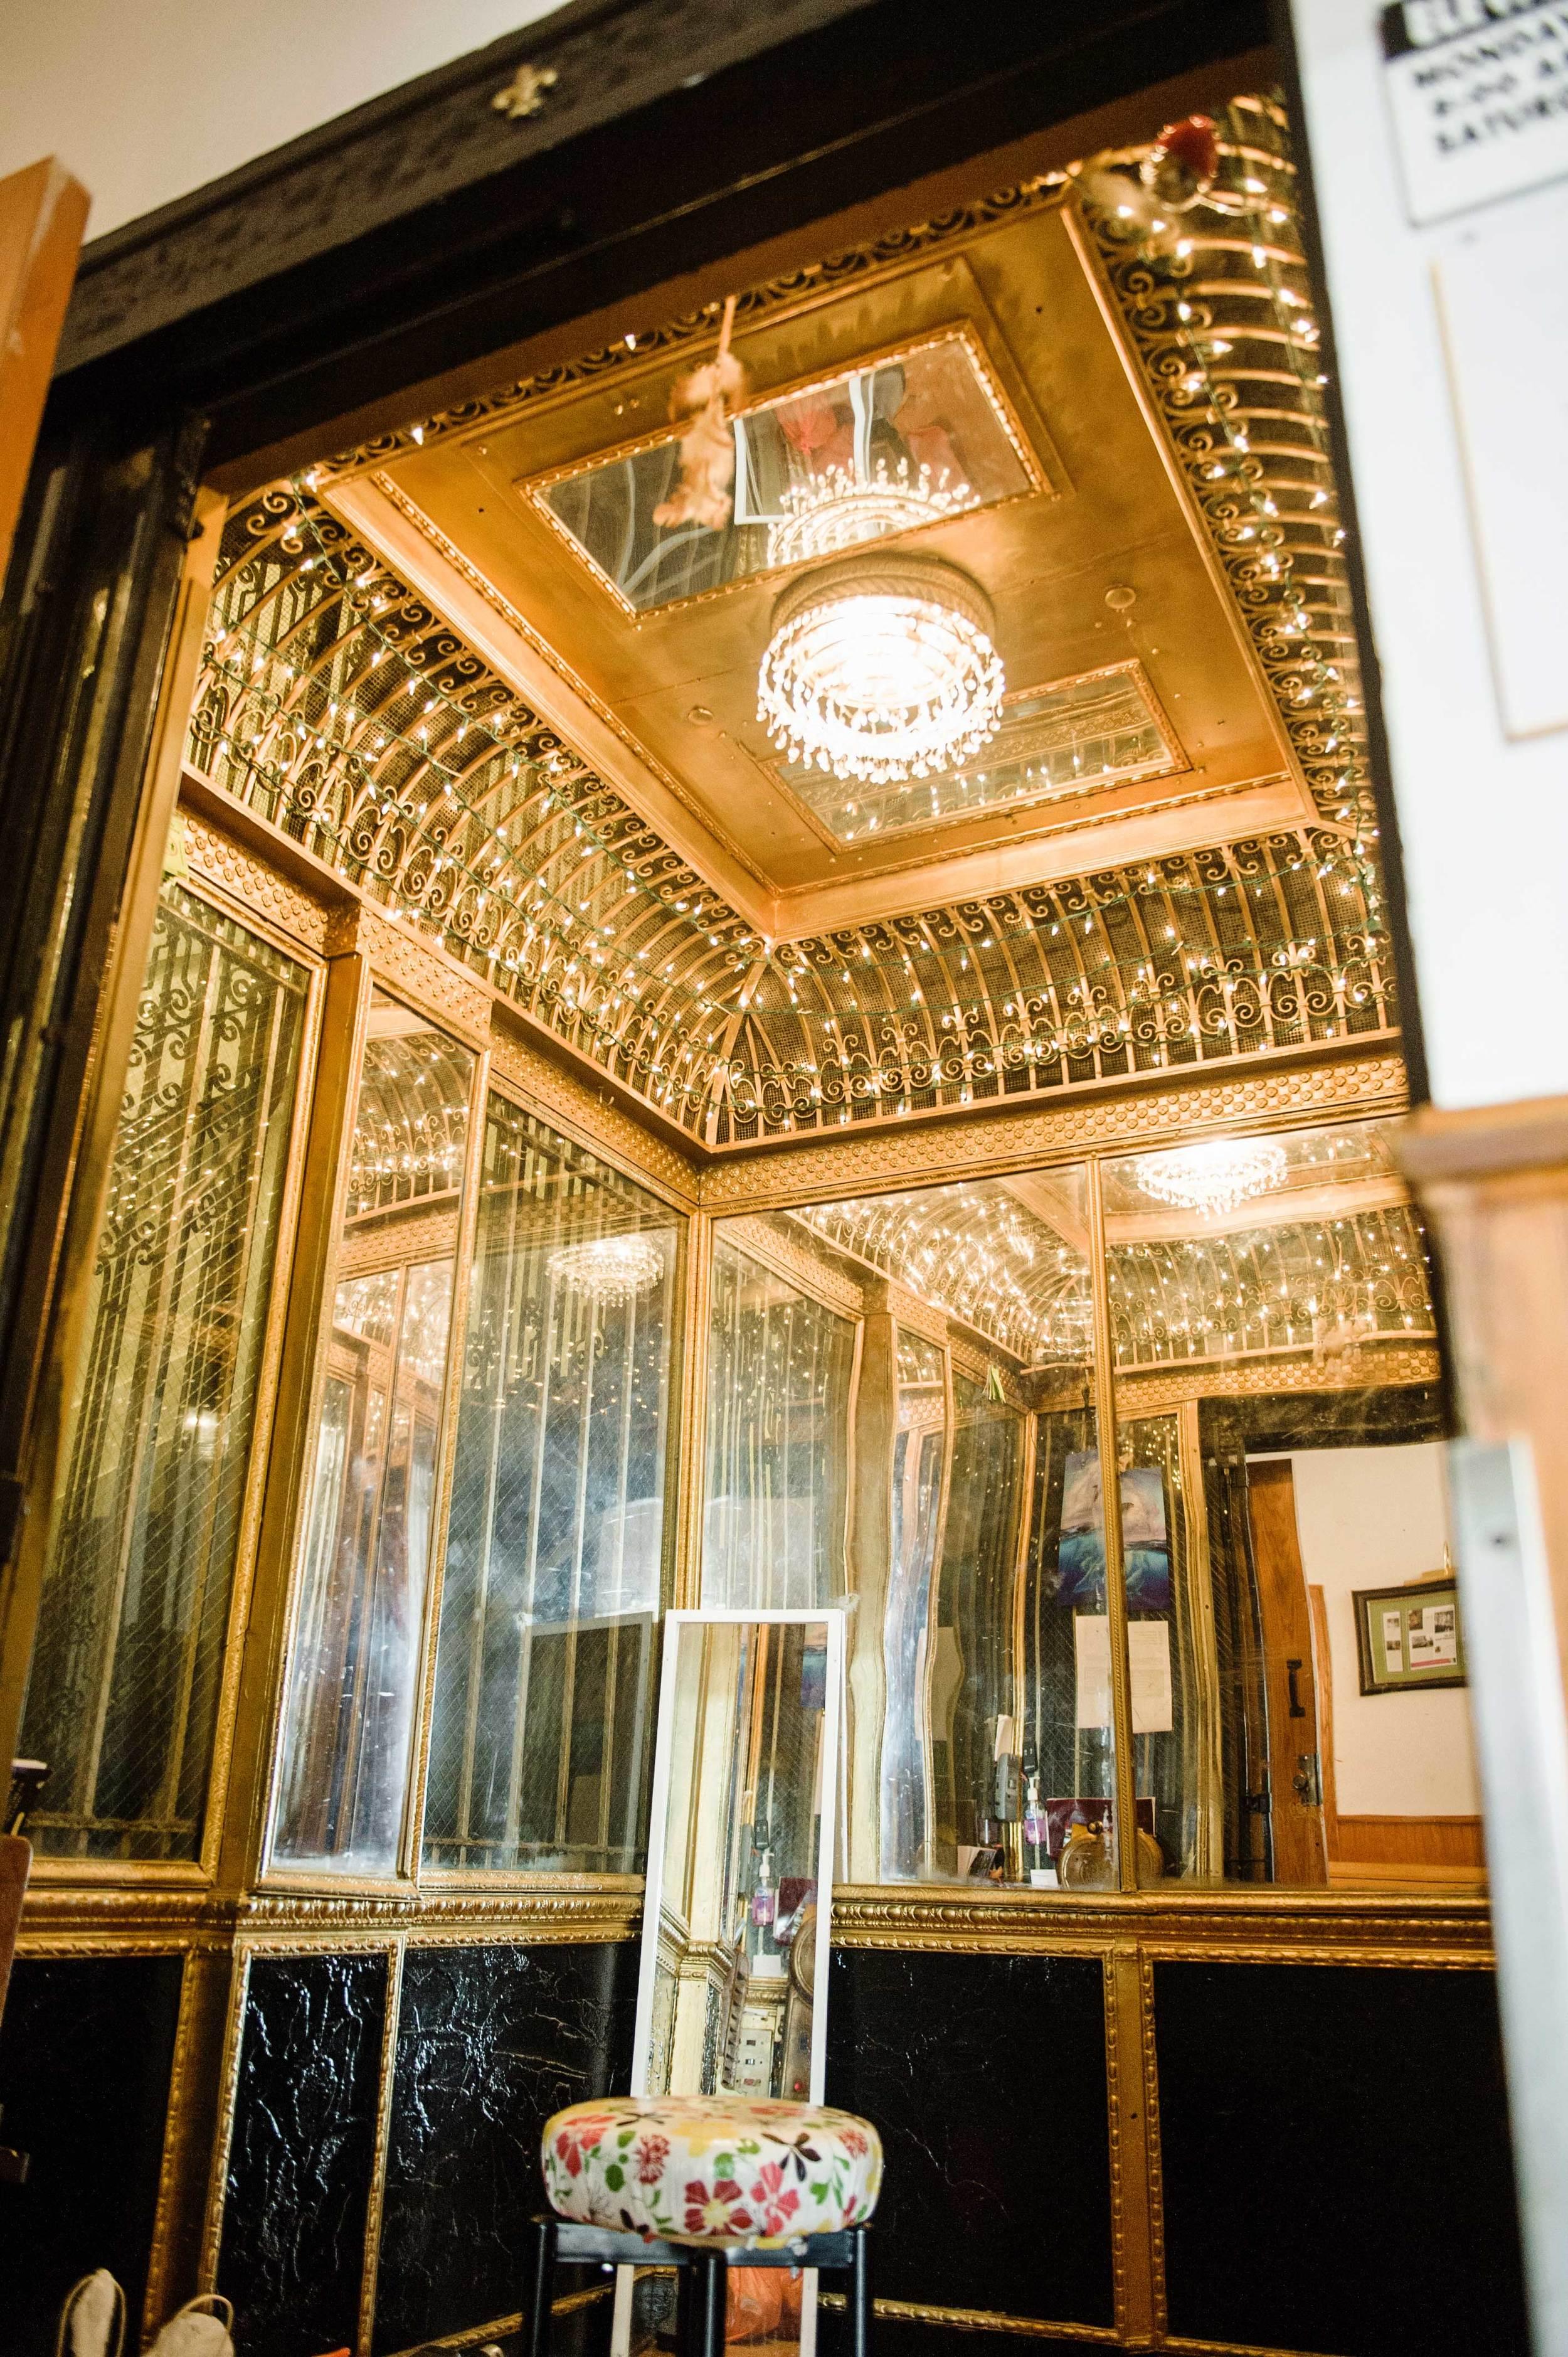 Kikaha_elevator001.jpg